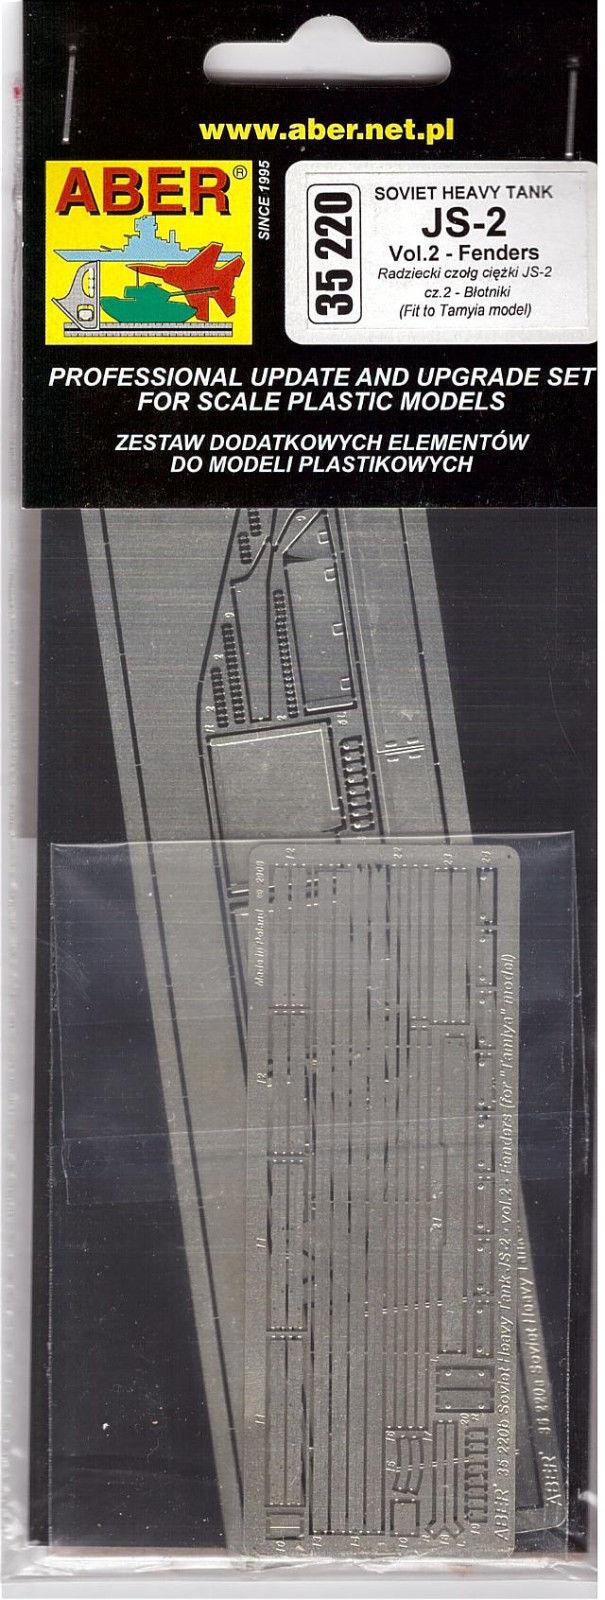 35 220 JS-2 vol.2 Image